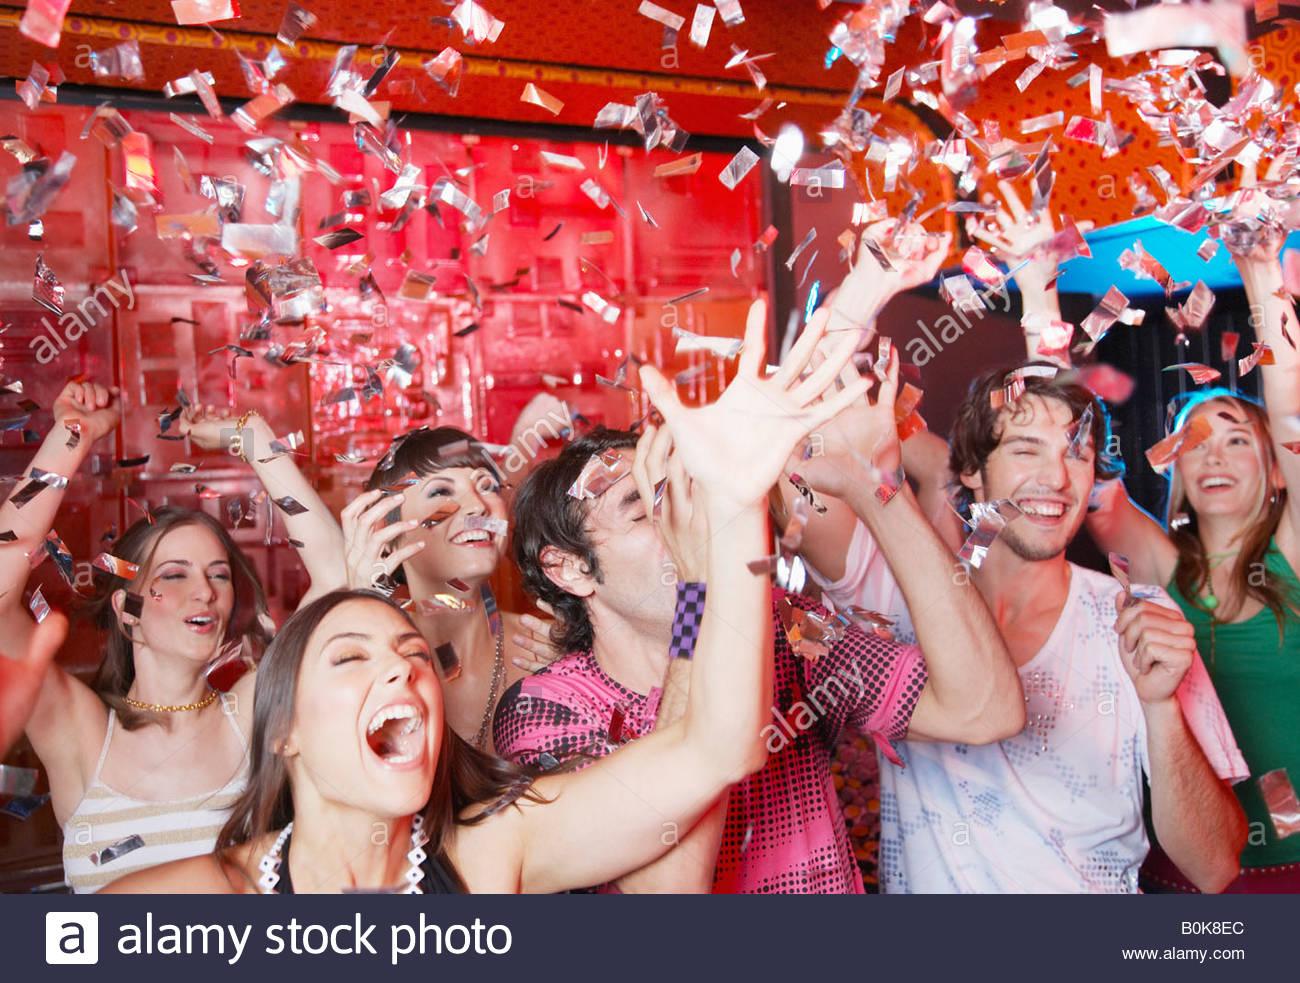 Un gruppo di persone in un night club partying e gettando coriandoli Immagini Stock